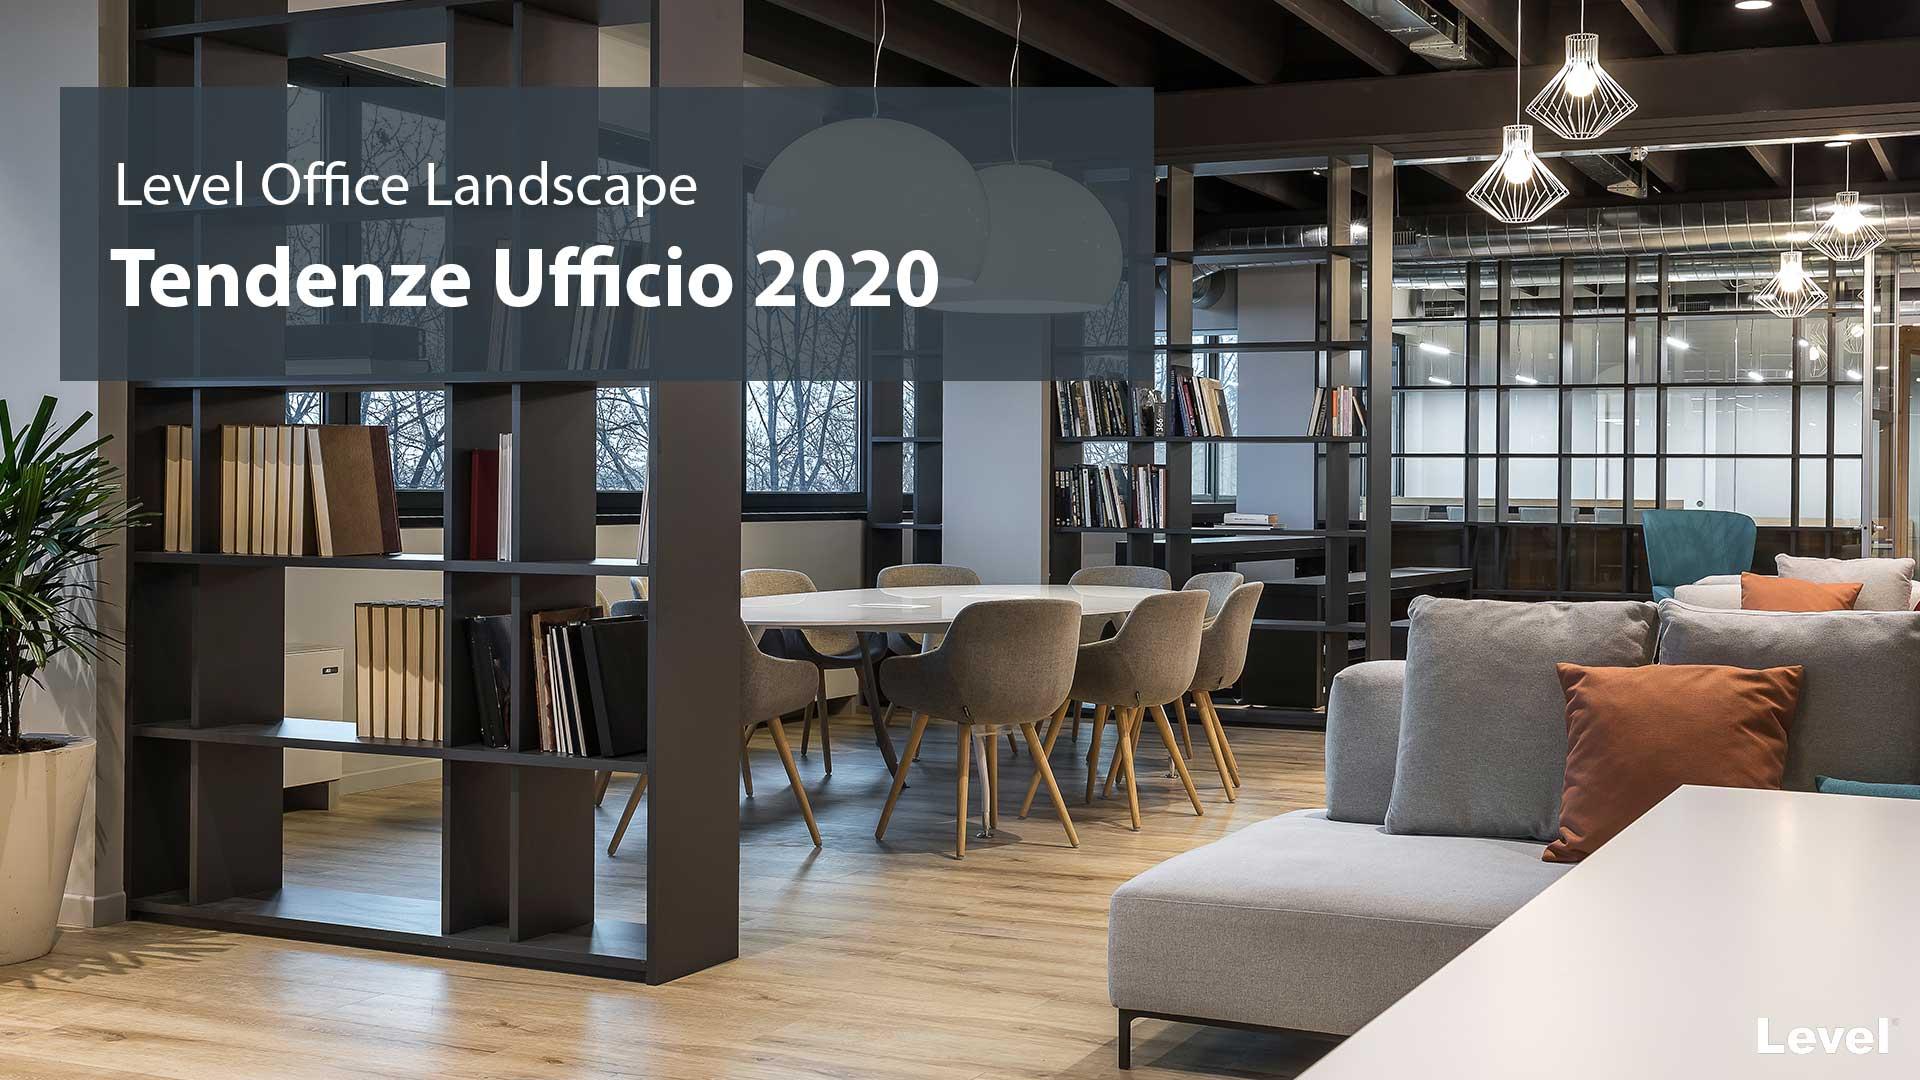 Tendenze-ufficio-2020-Level-Office-Landscape